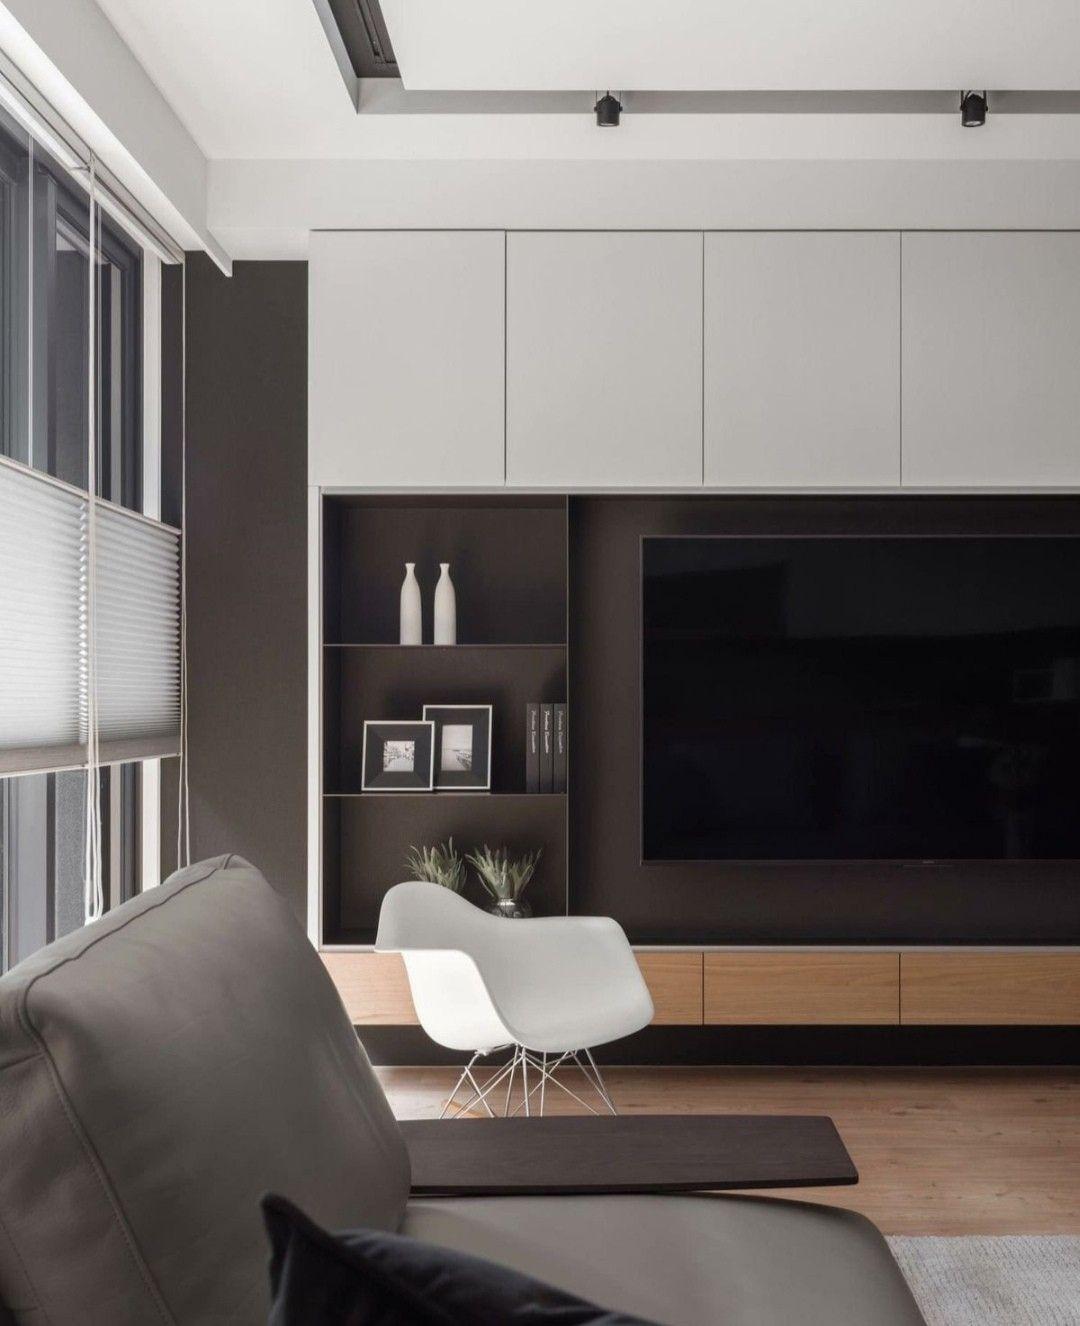 Epingle Par Innen Architecture Sur Design It En 2020 Meuble Salon Design Meuble Rangement Salon Amenagement Salon